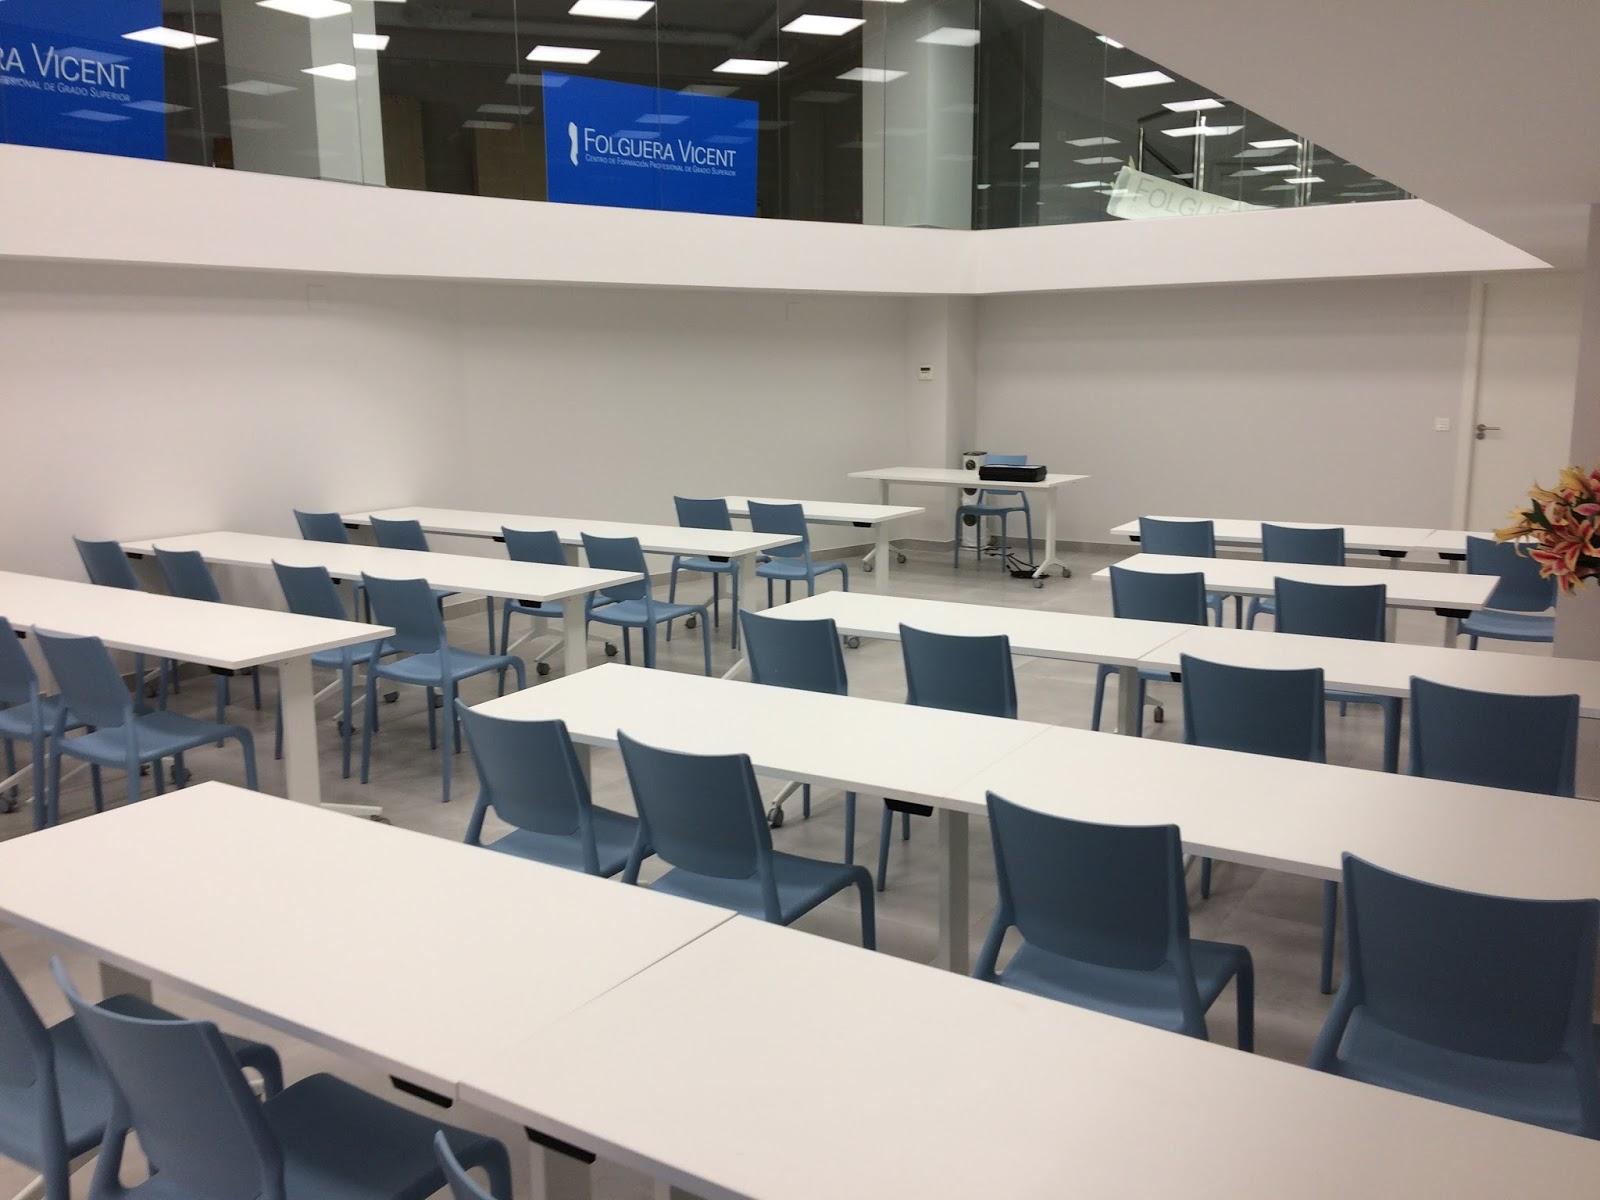 Mobiliario de oficina septiembre 2017 for 8 6 mobiliario de oficina